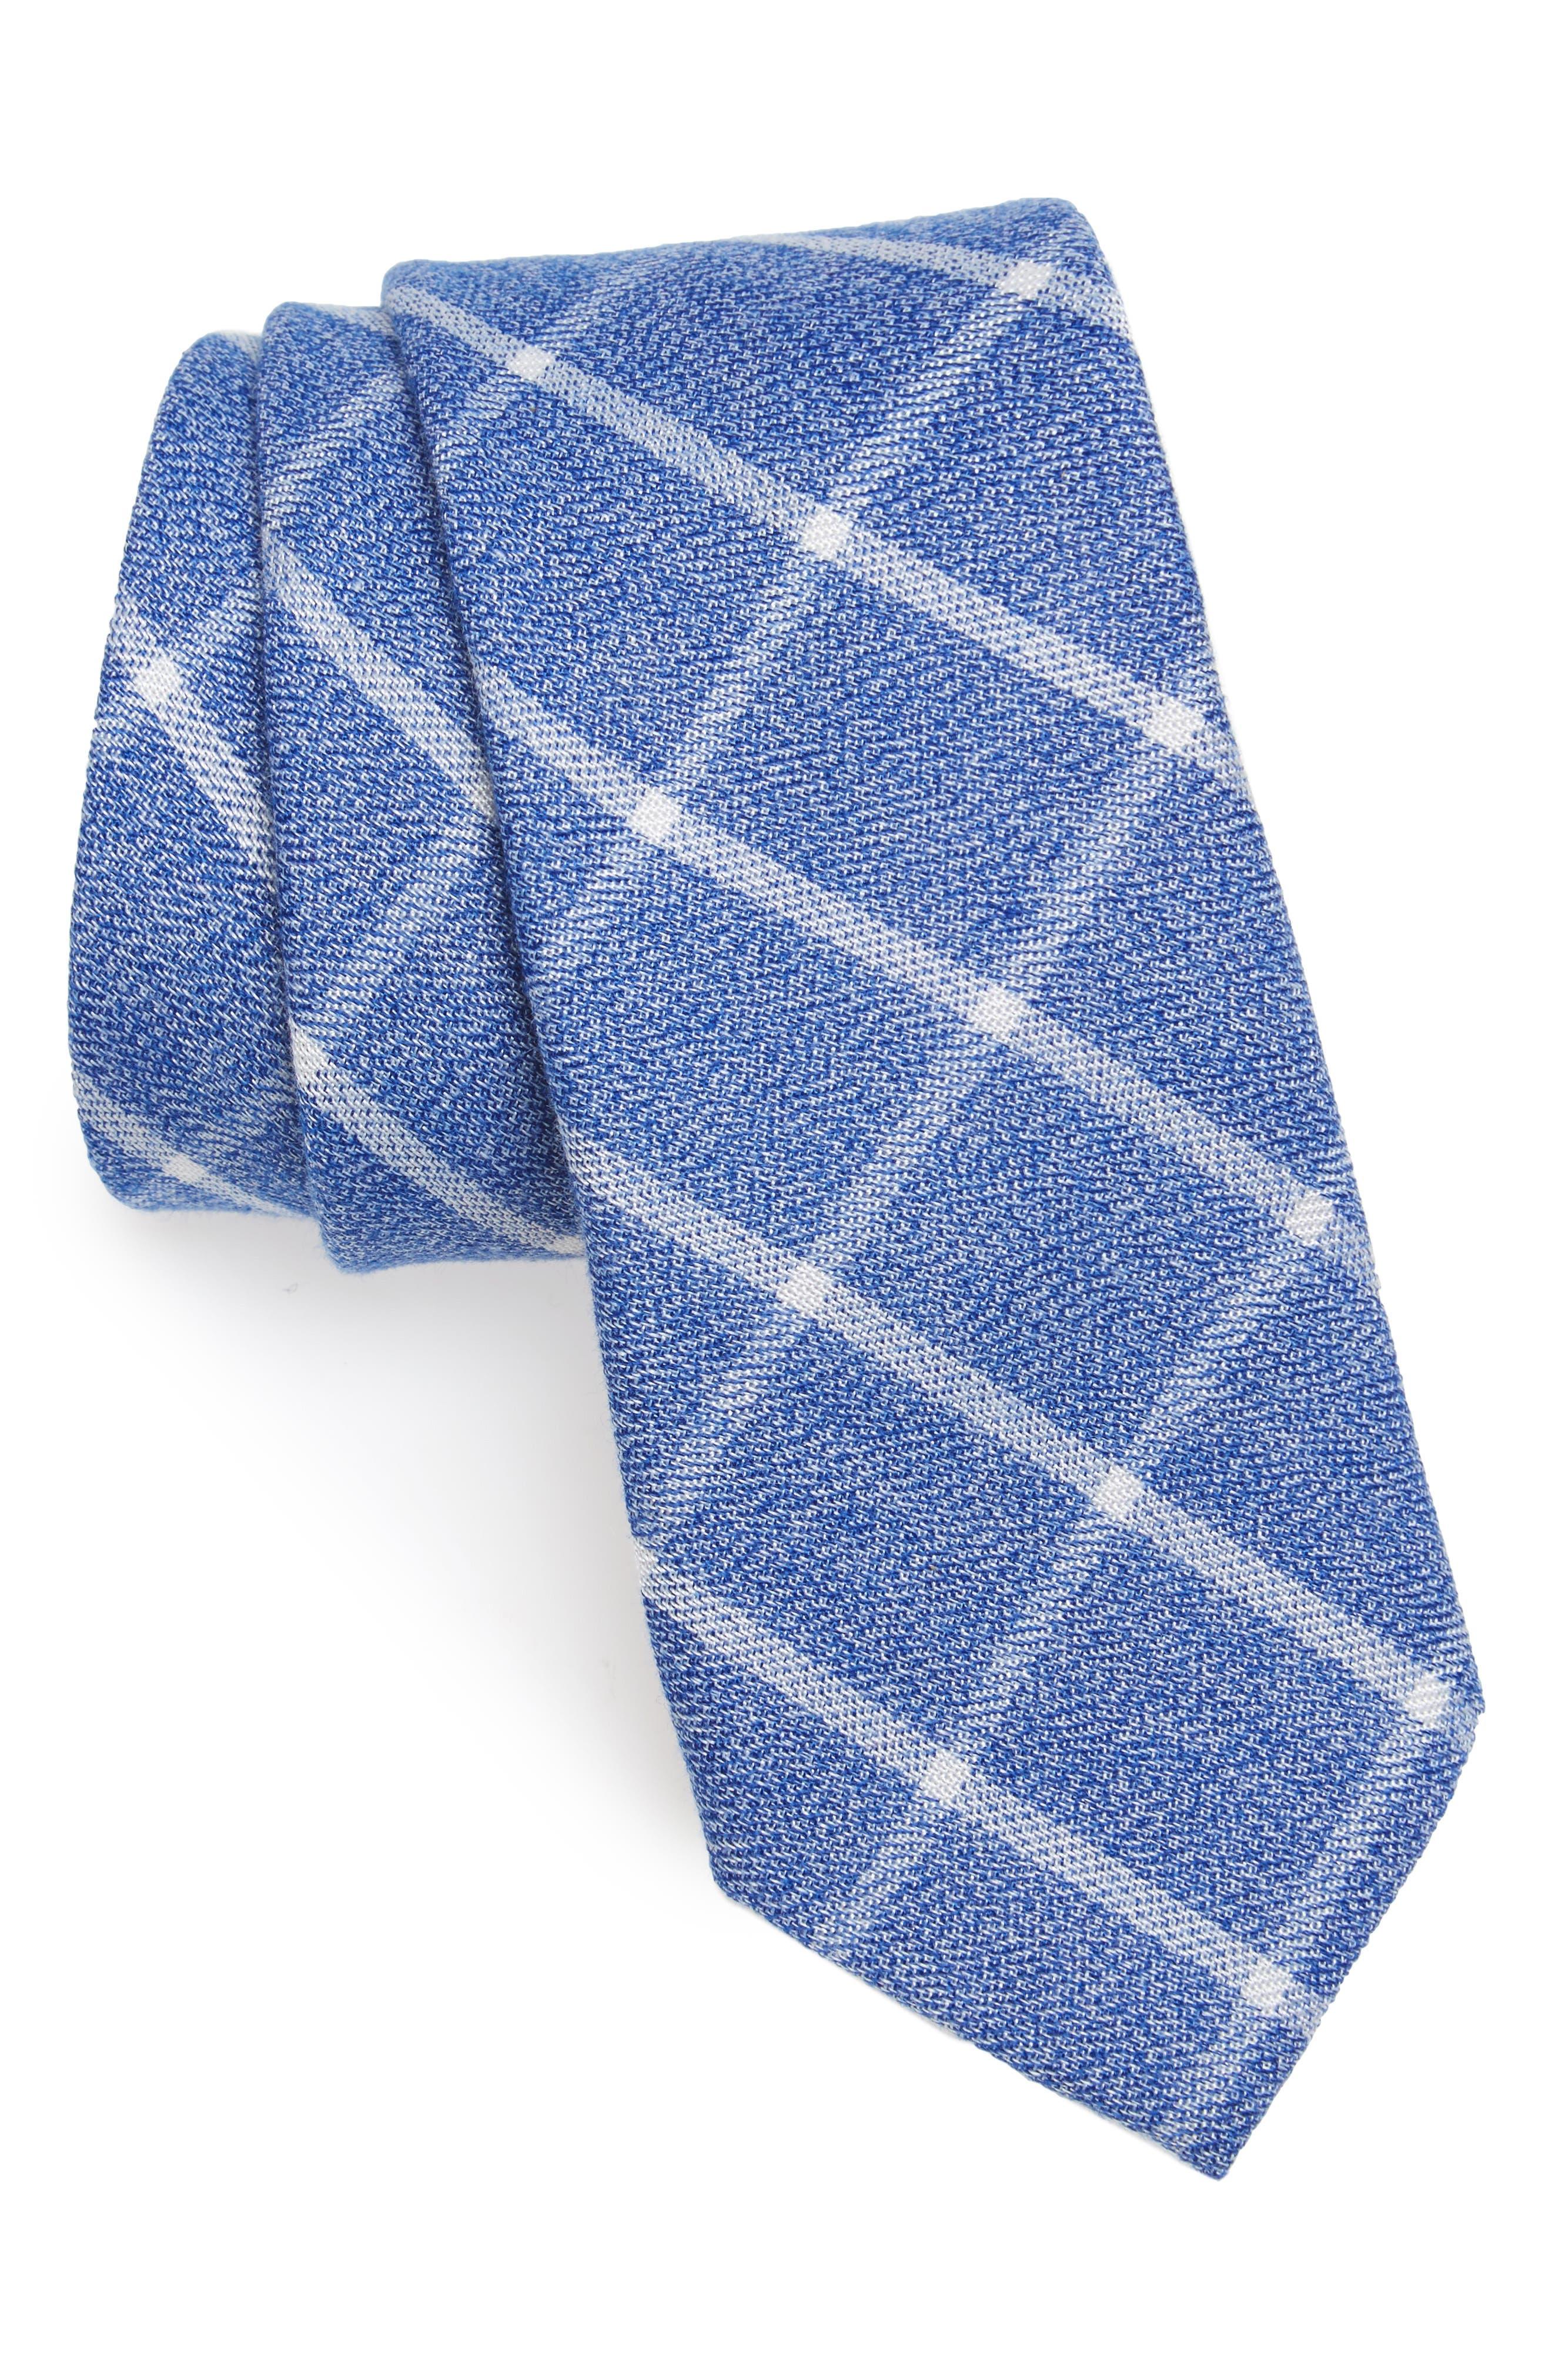 Wilbur Check Cotton Tie,                         Main,                         color, Navy